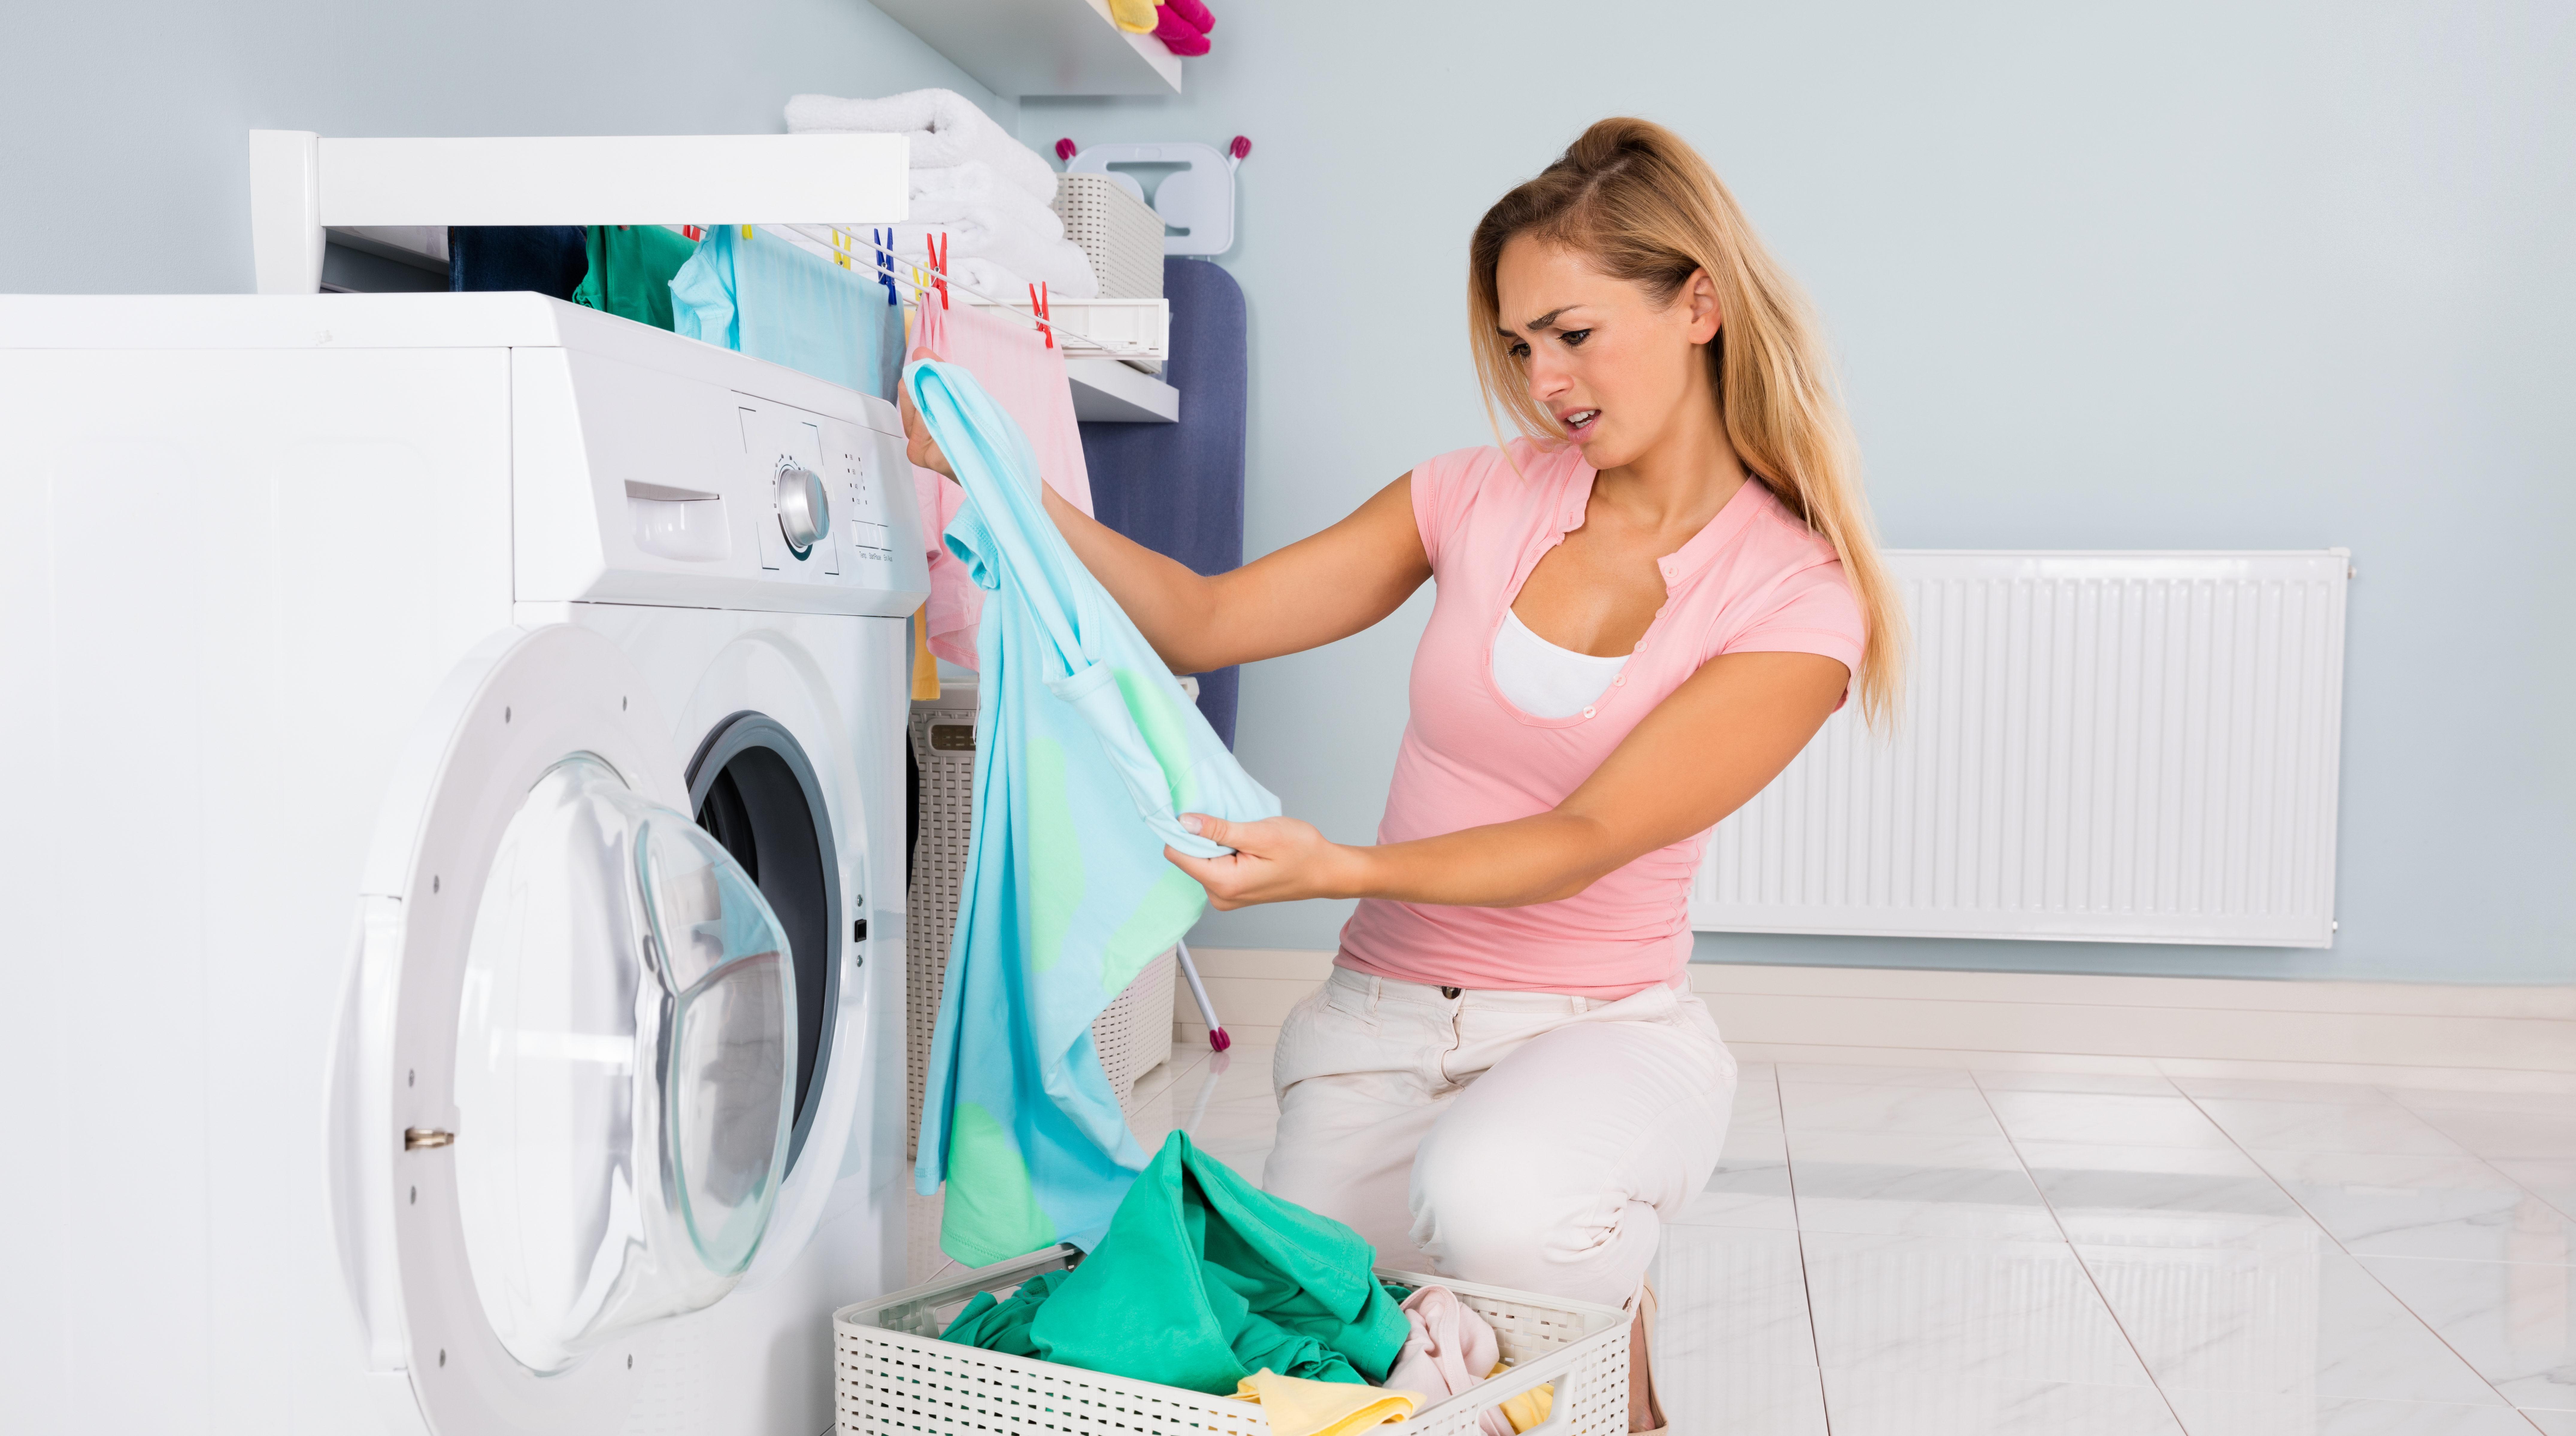 как удалить из одежды пятна от тонального крема